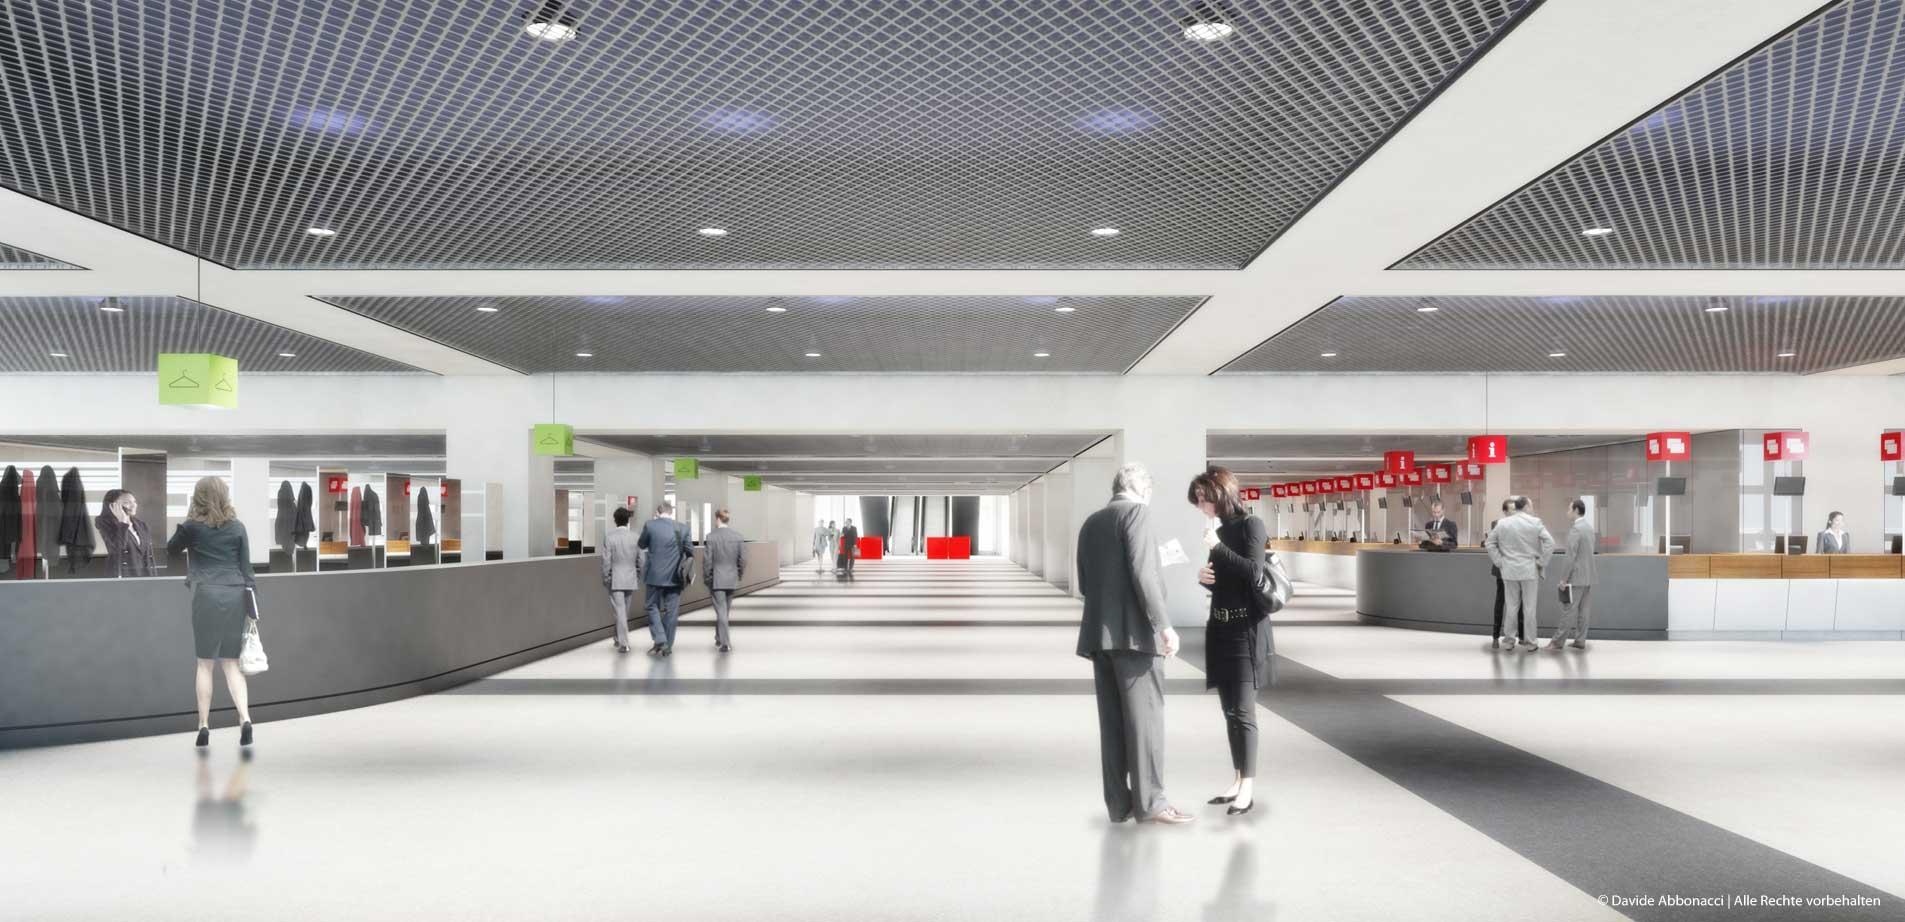 Eingang Galleria und Messehalle 9.T, Messe Frankfurt | Ingo Schrader Architekt | 2012 Wettbewerbsvisualisierung | 1. Preis